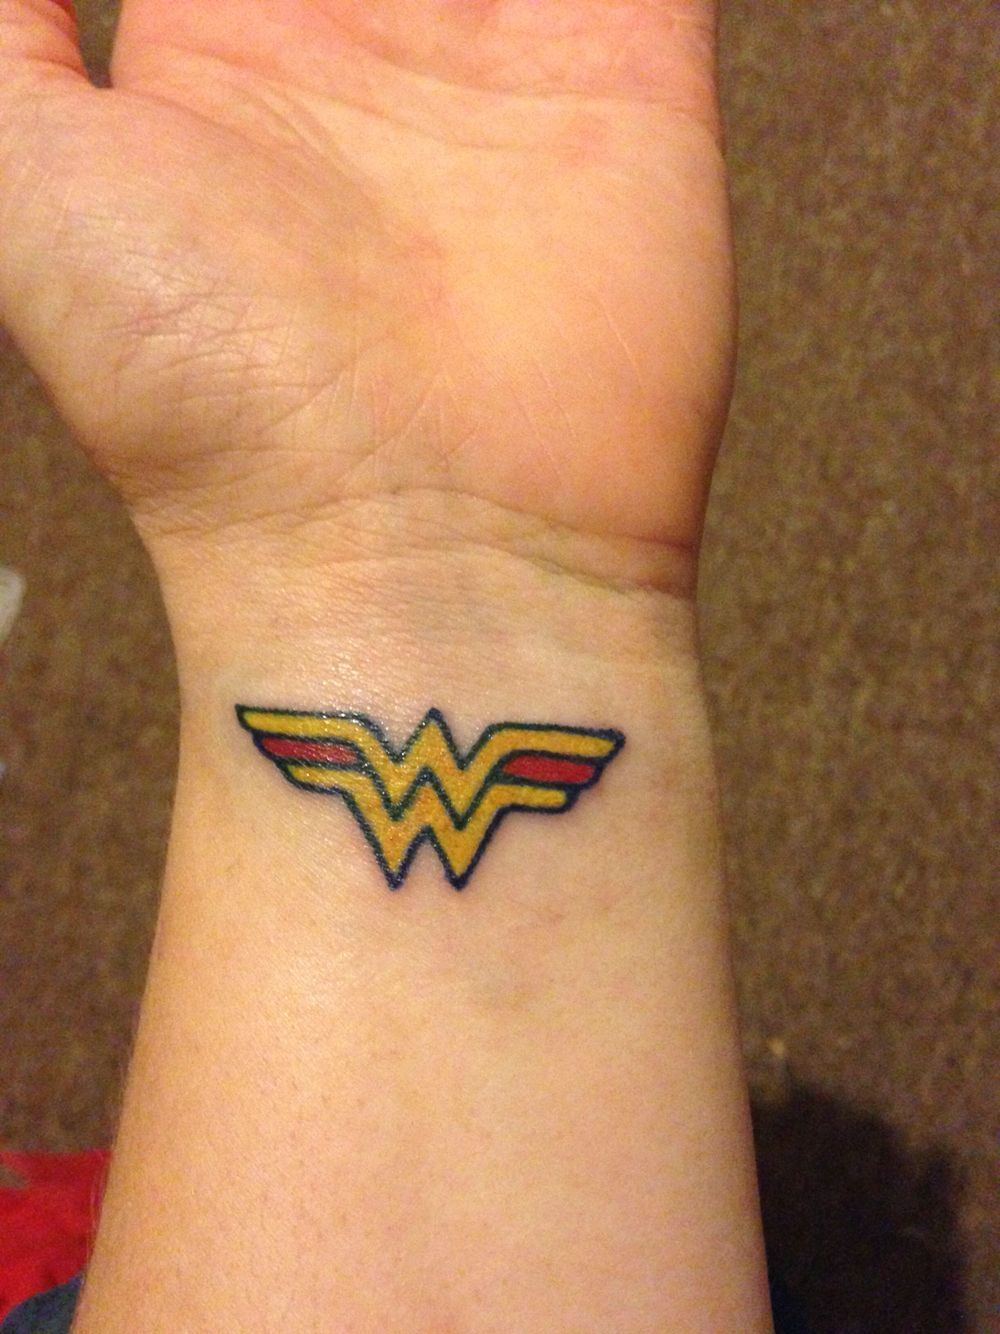 Flaming art tattoo for geek tattoo lovers this kind of batman - Wonder Woman Tattoo